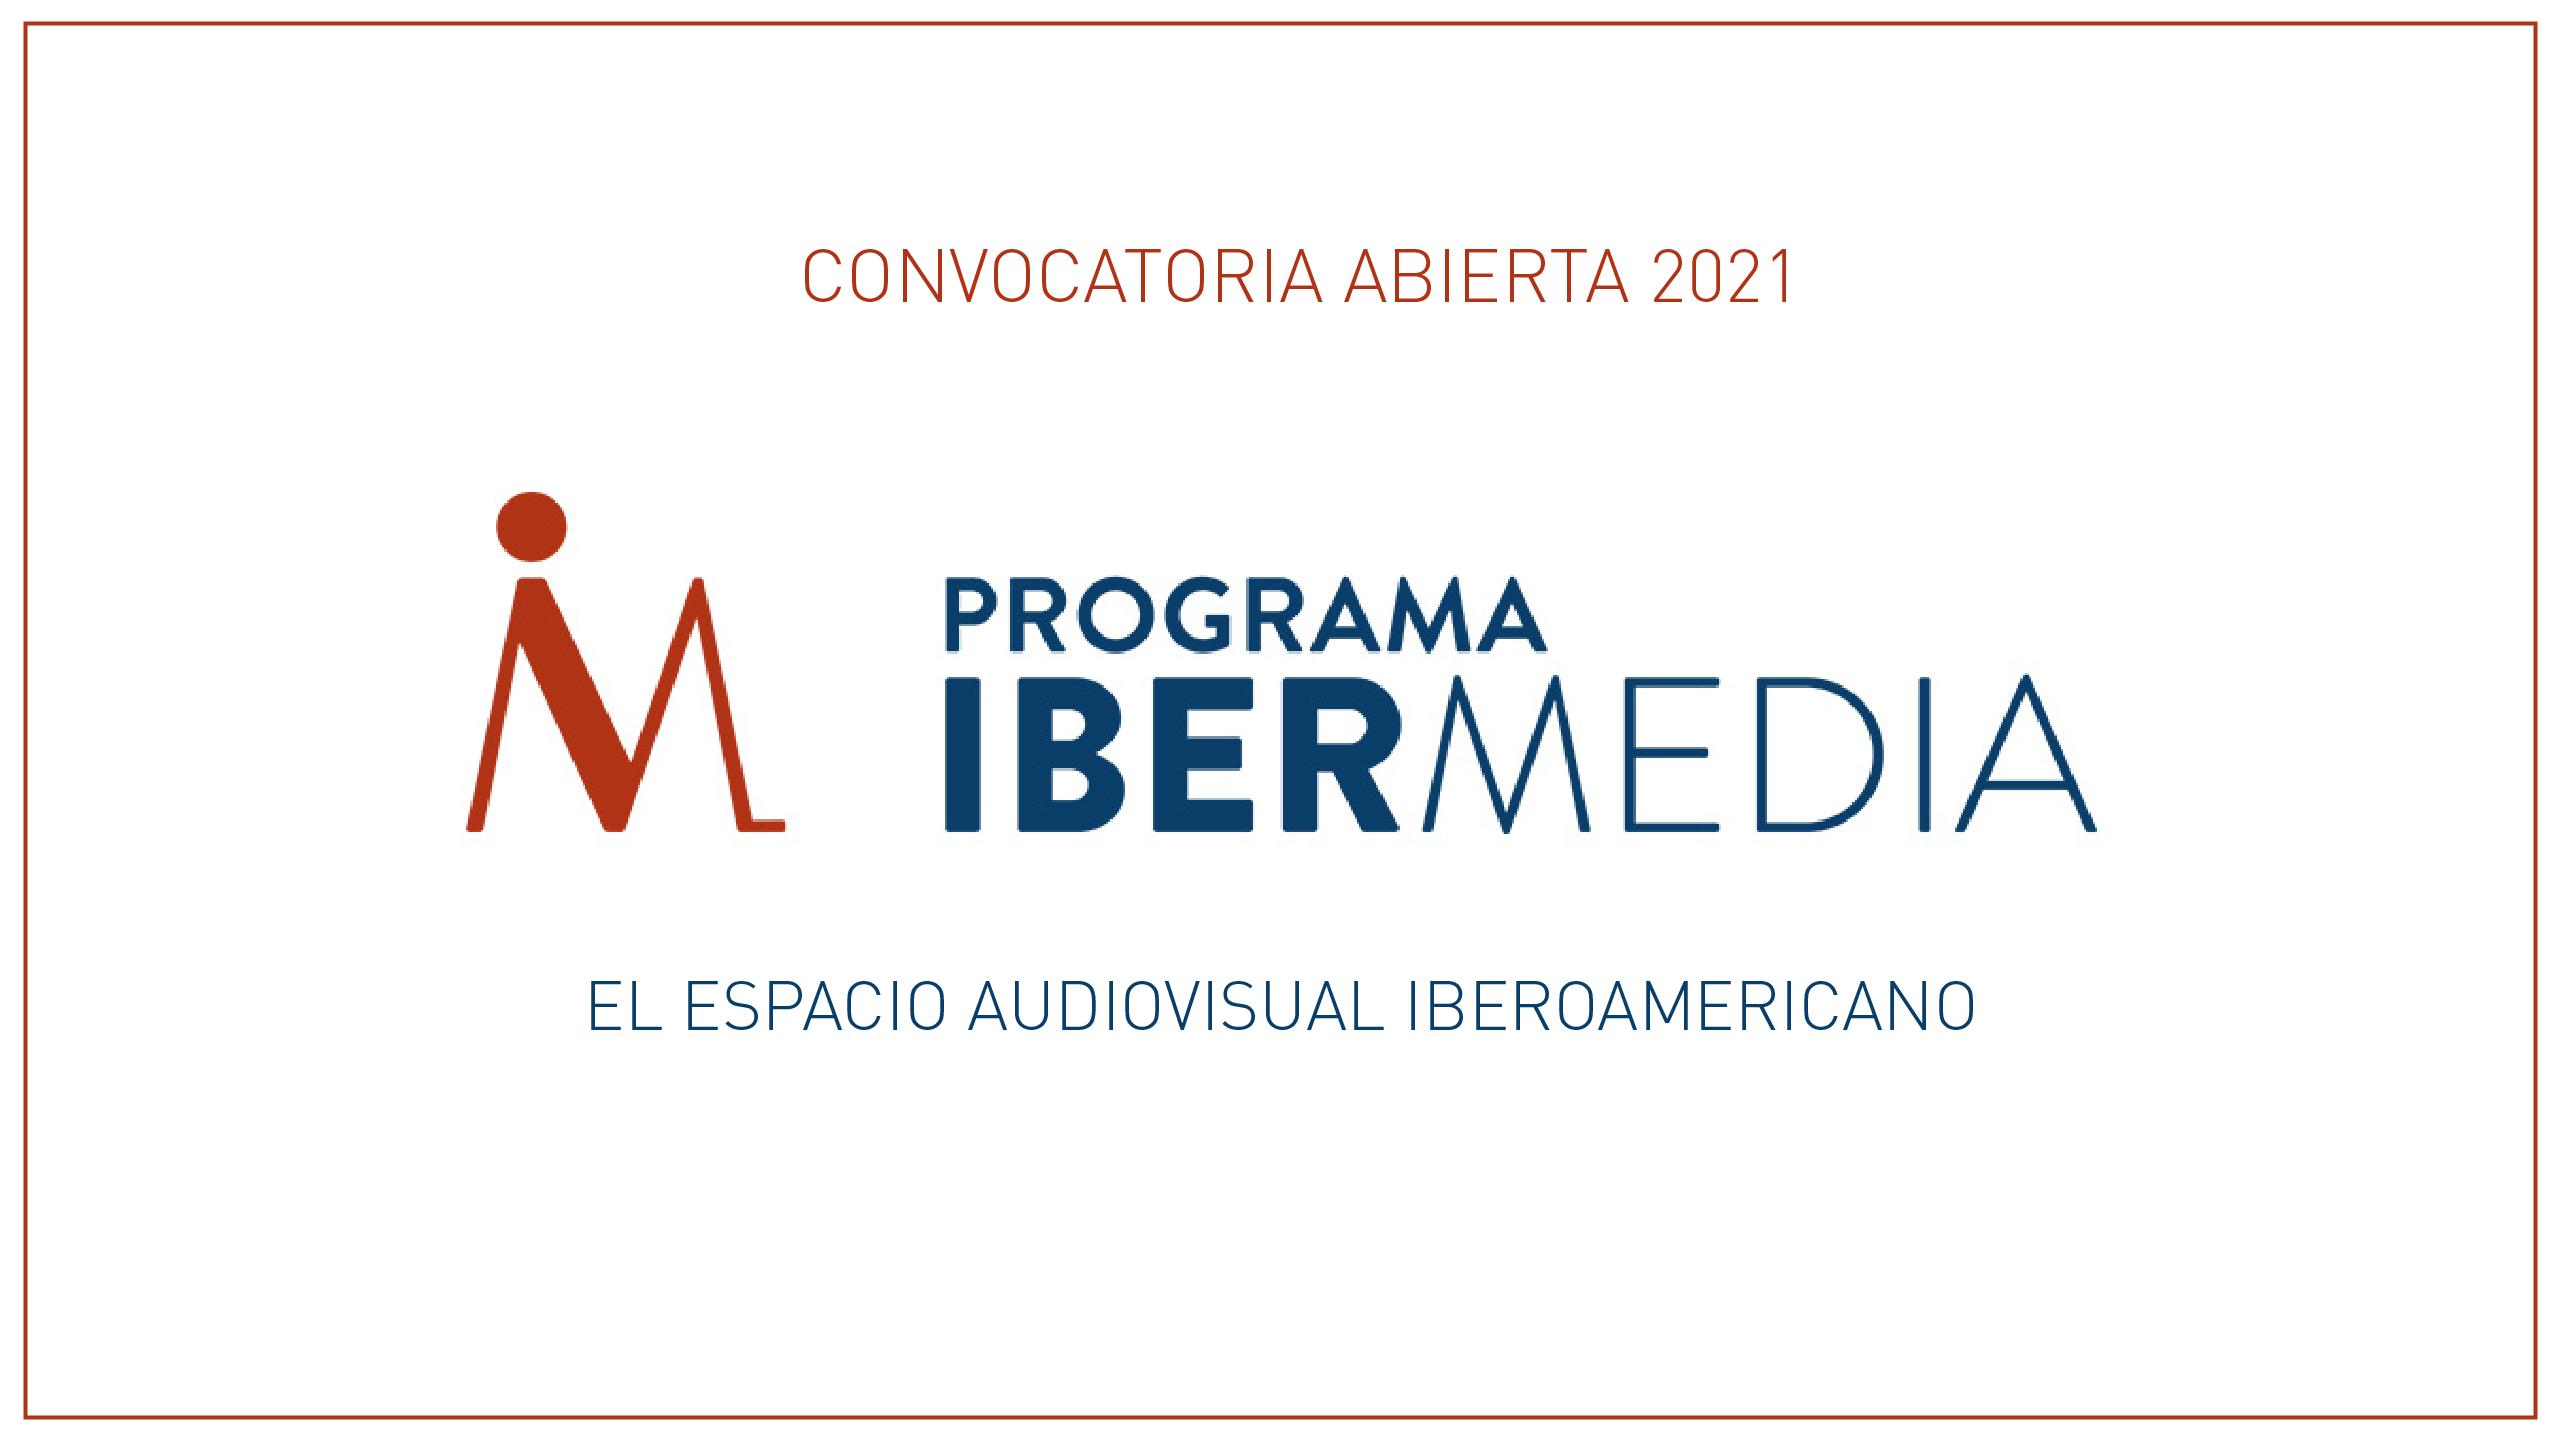 <b>EL PROGRAMA IBERMEDIA ABRE SU CONVOCATORIA DE 2021 CON MEDIDAS CONTRA LA DESIGUALDAD</b>